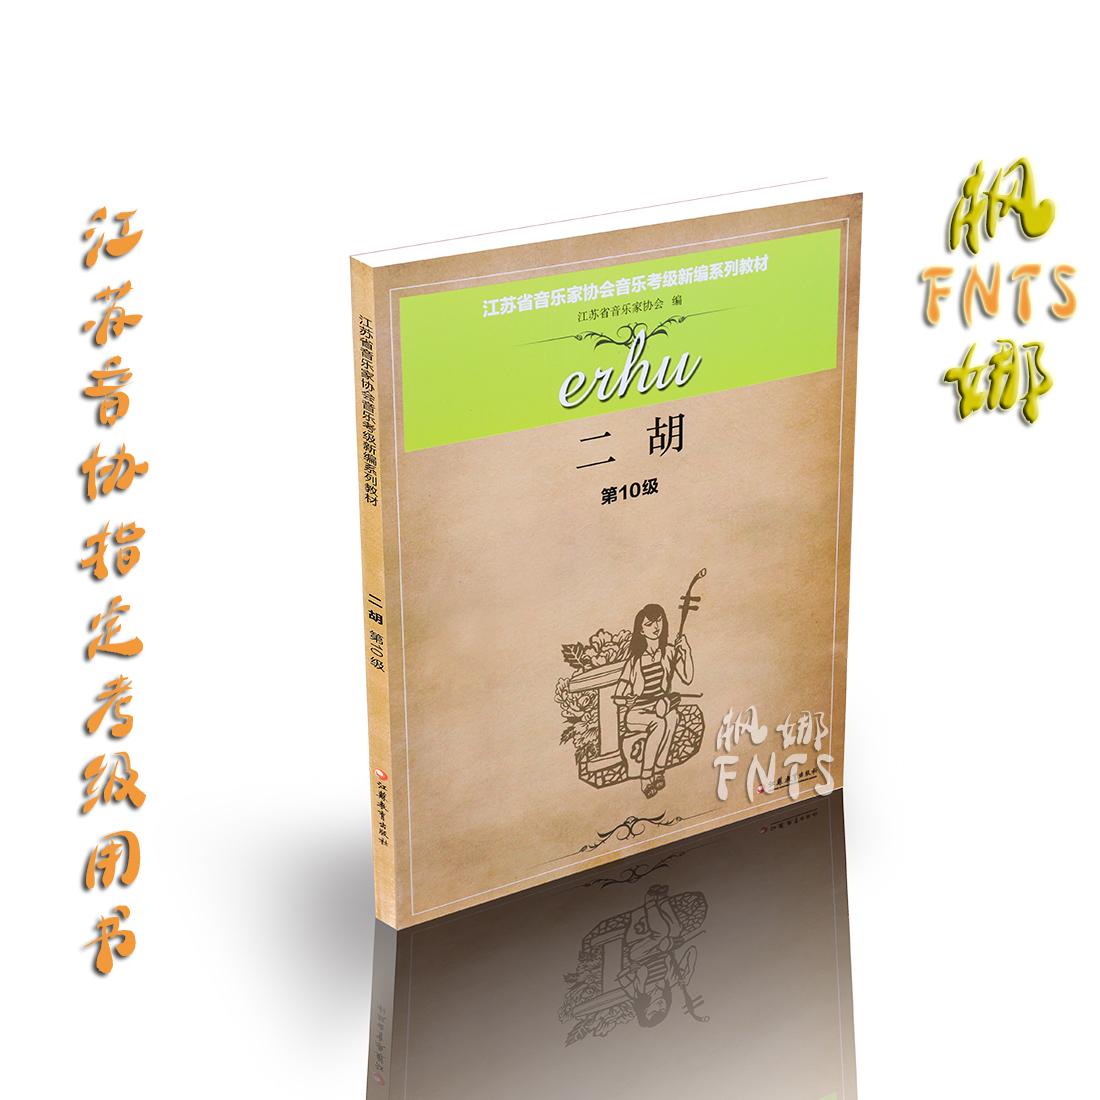 音乐家教育出版音协二胡新正版教材曲谱